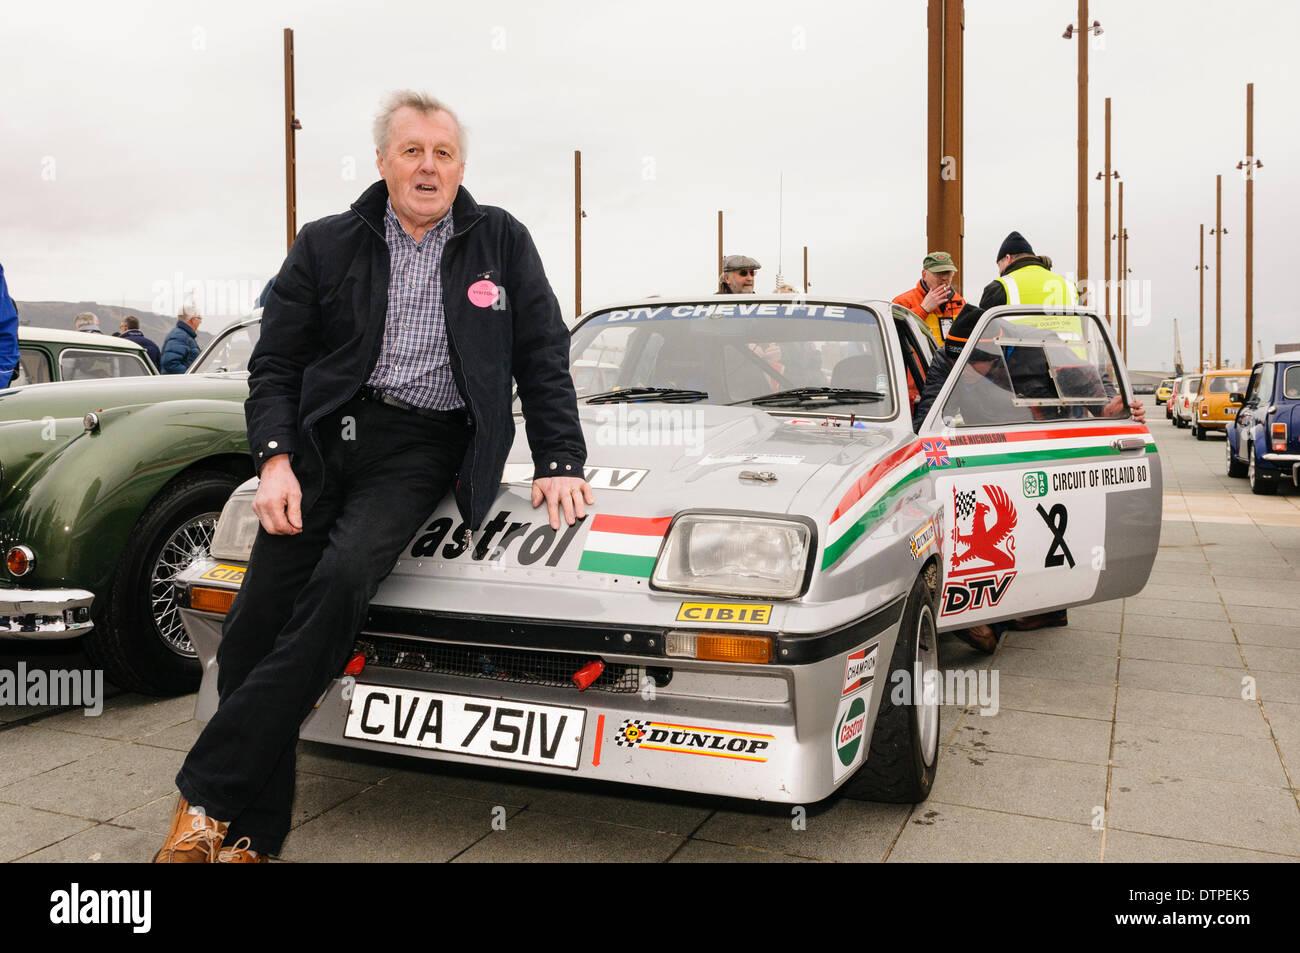 Belfast, Nordirland. 22 Mar 2014 - Jimmy McCrea mit seinem DVR arbeitet Vauxhall Chevette, die er in der Castrol Autosport Serie Credit fuhr: Stephen Barnes/Alamy leben Nachrichten Stockbild